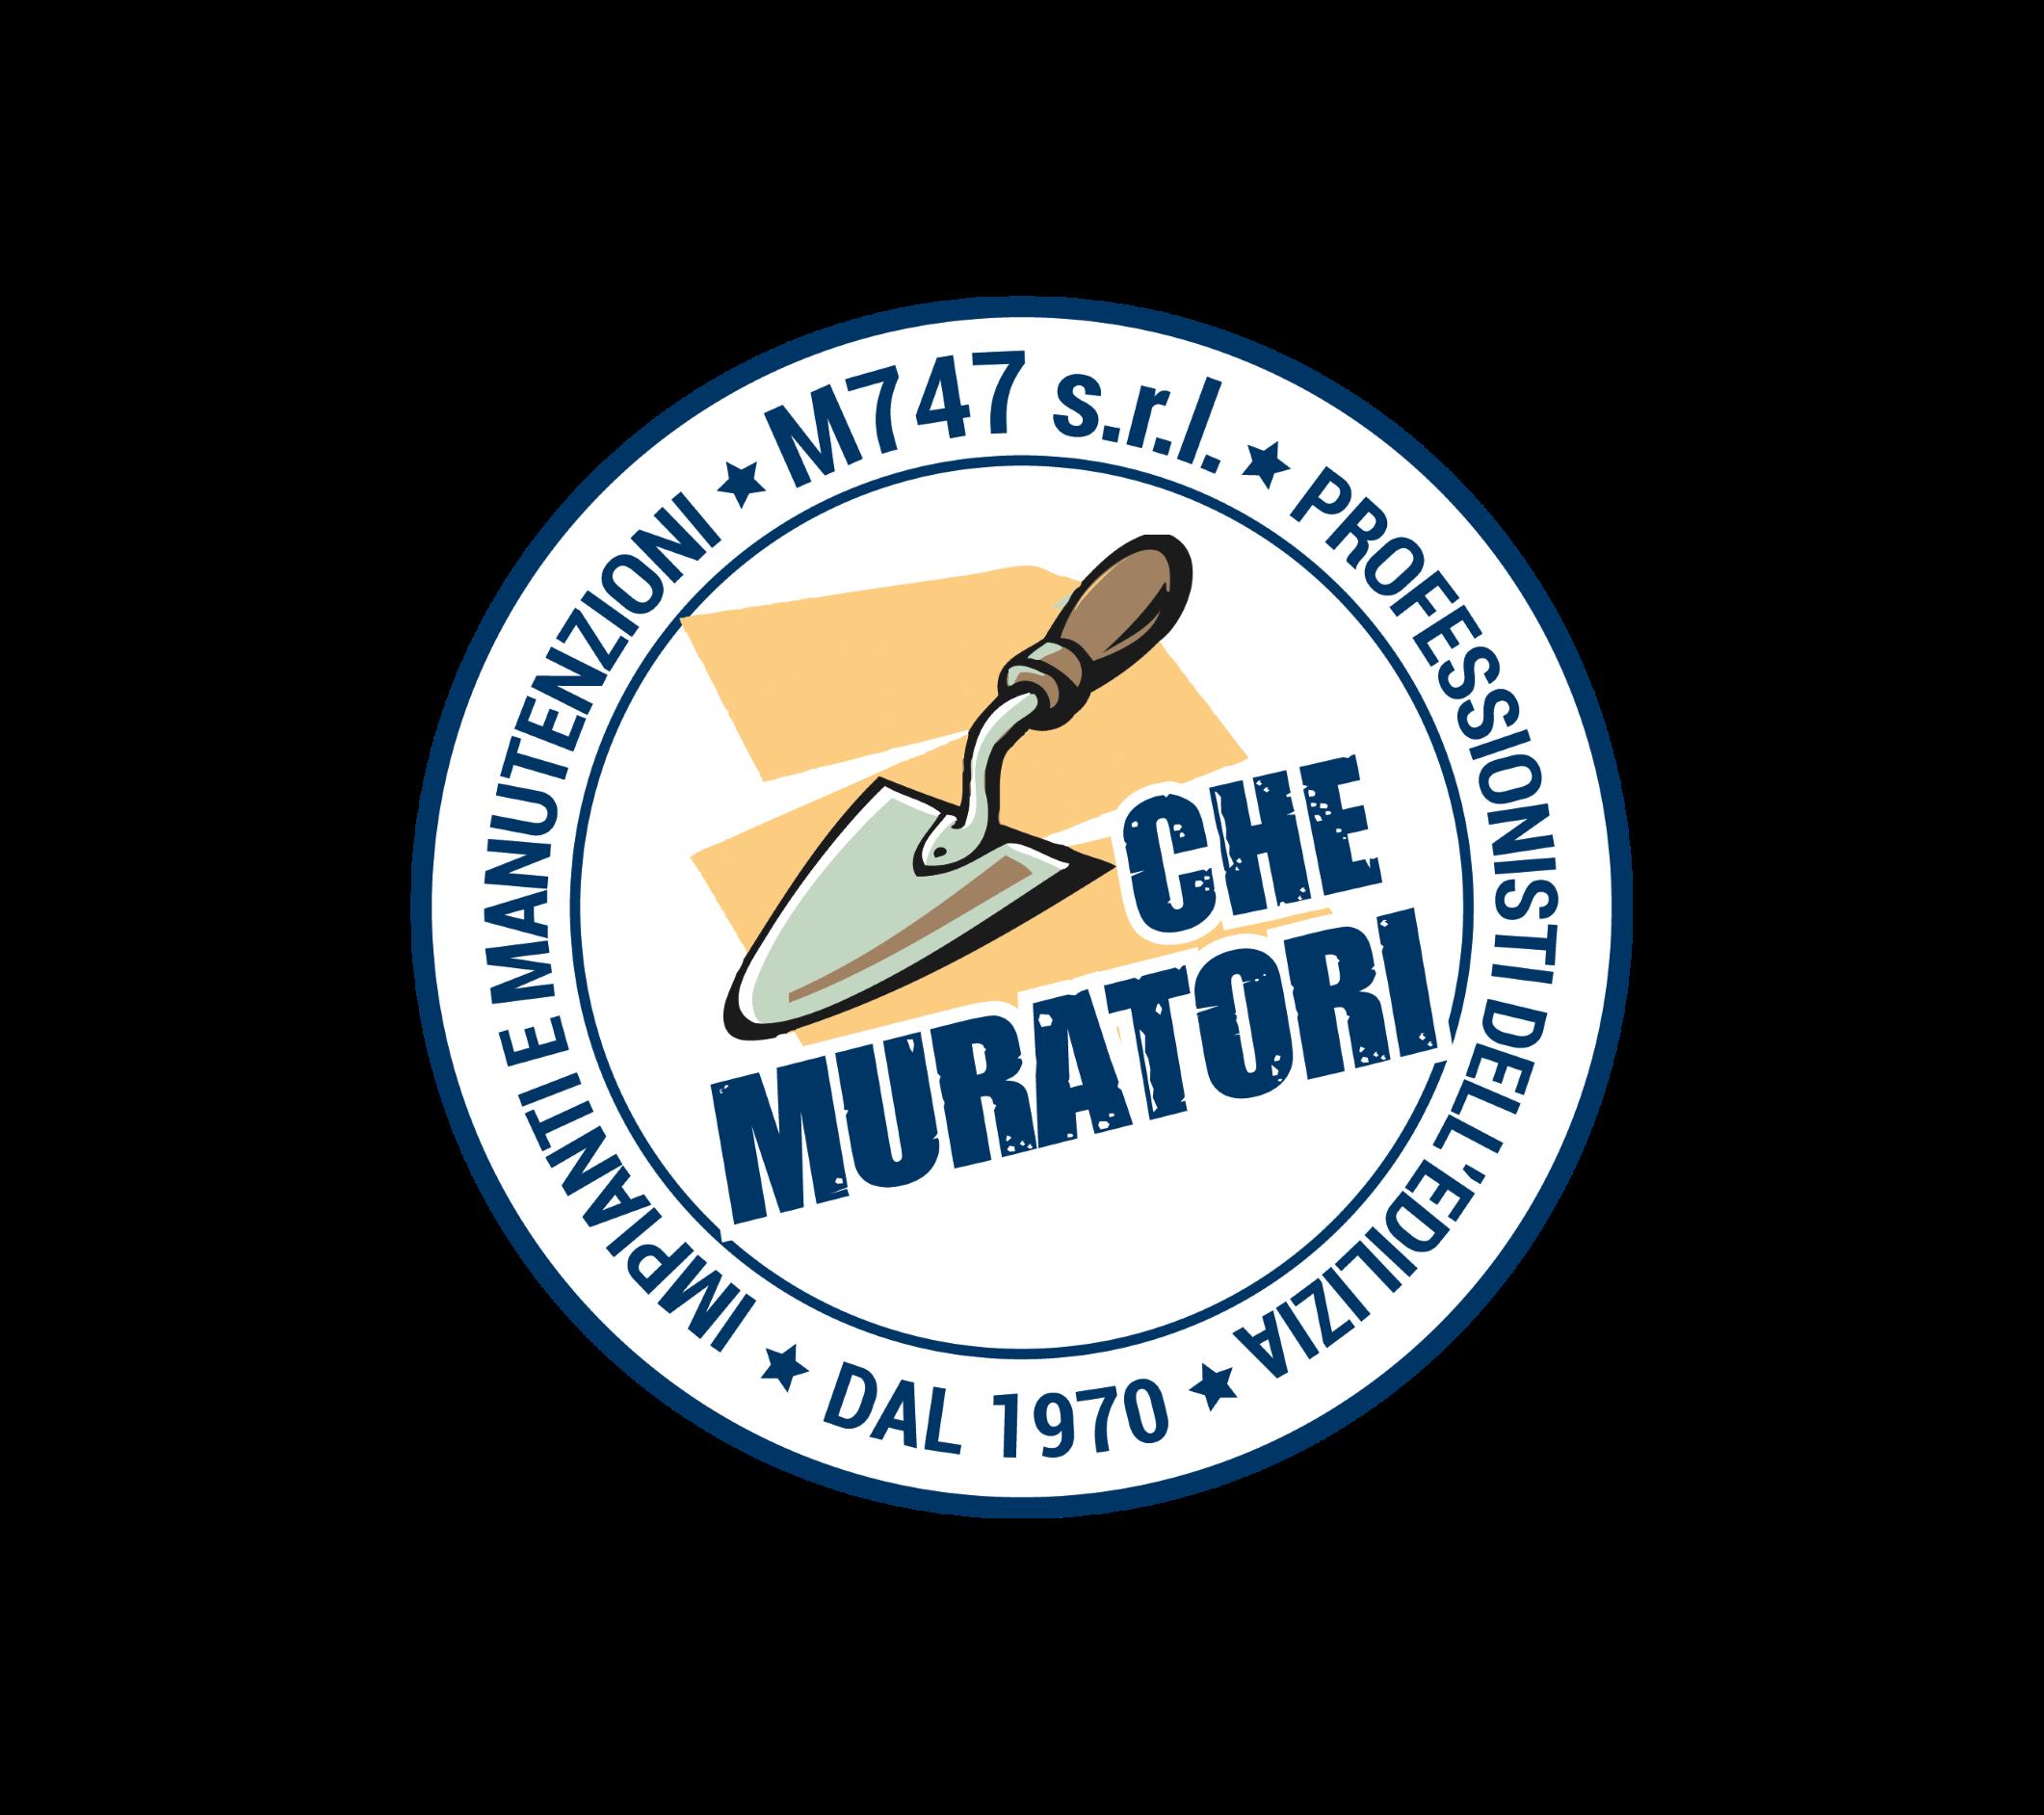 Che Muratori